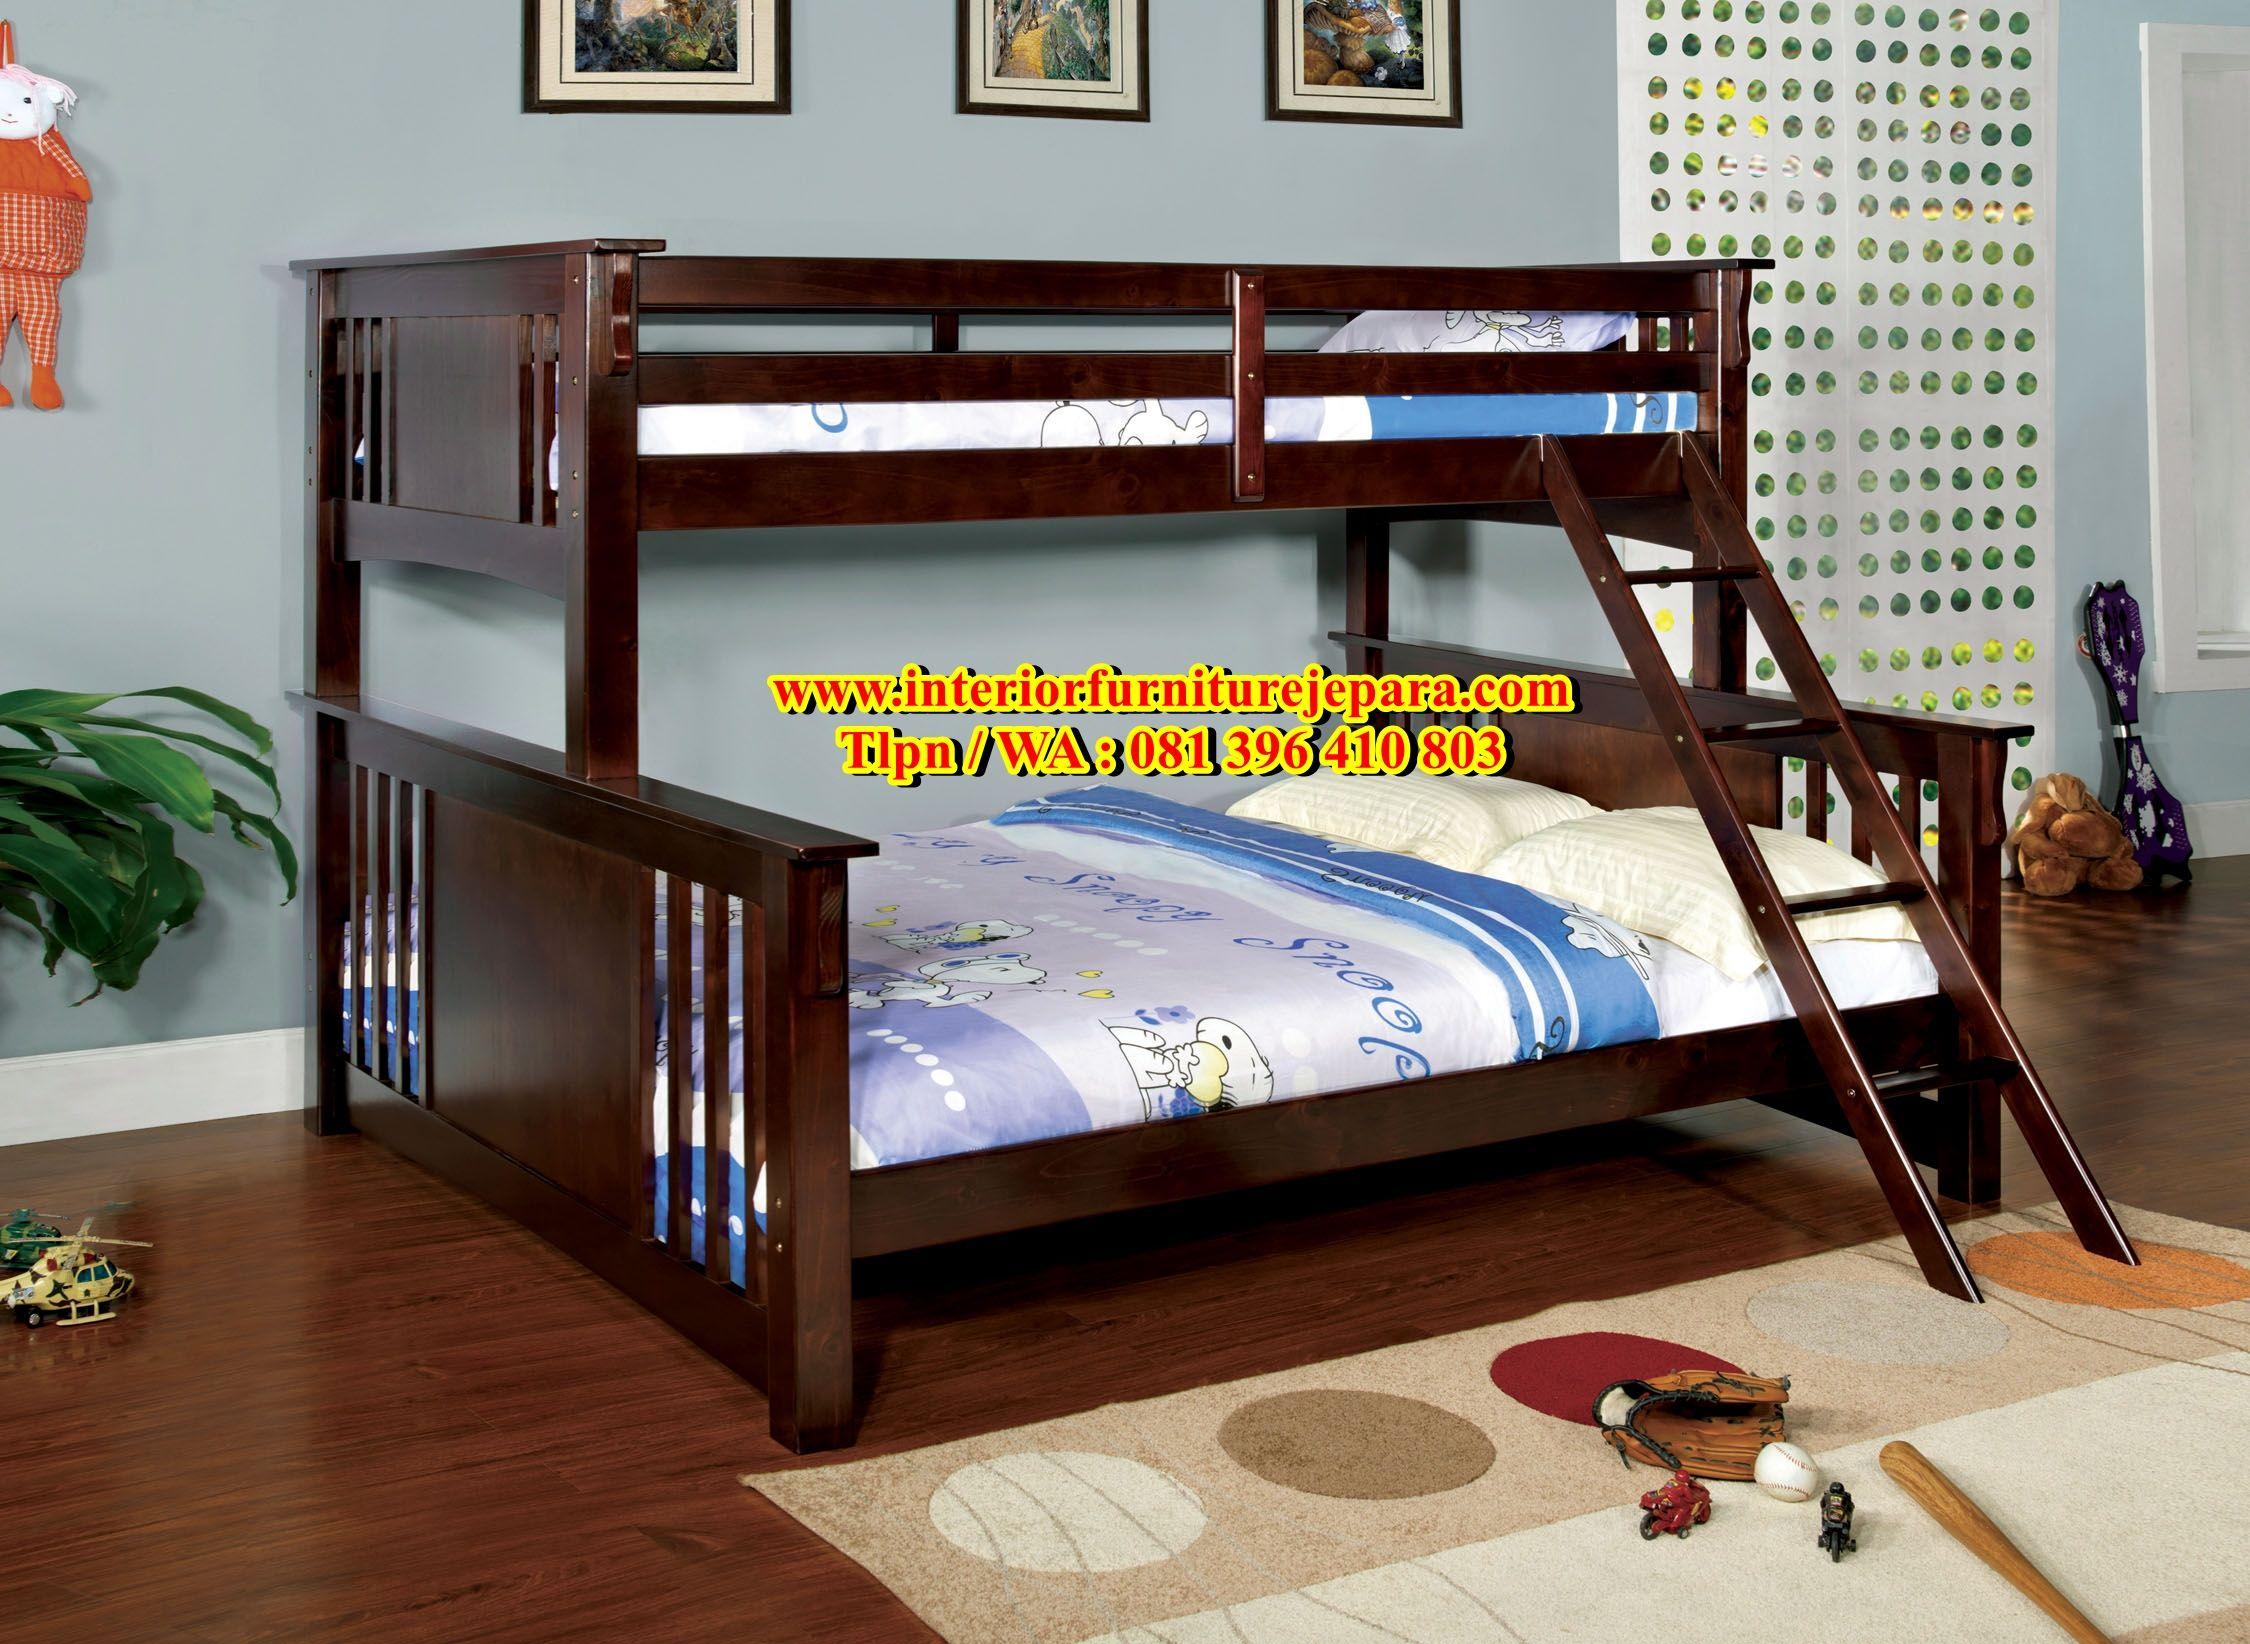 Tempat Tidur Tingkat Jepara Tempat Tidur Tingkat Tempat Tidur Anak Tempat Tidur Tempat tidur tingkat untuk anak